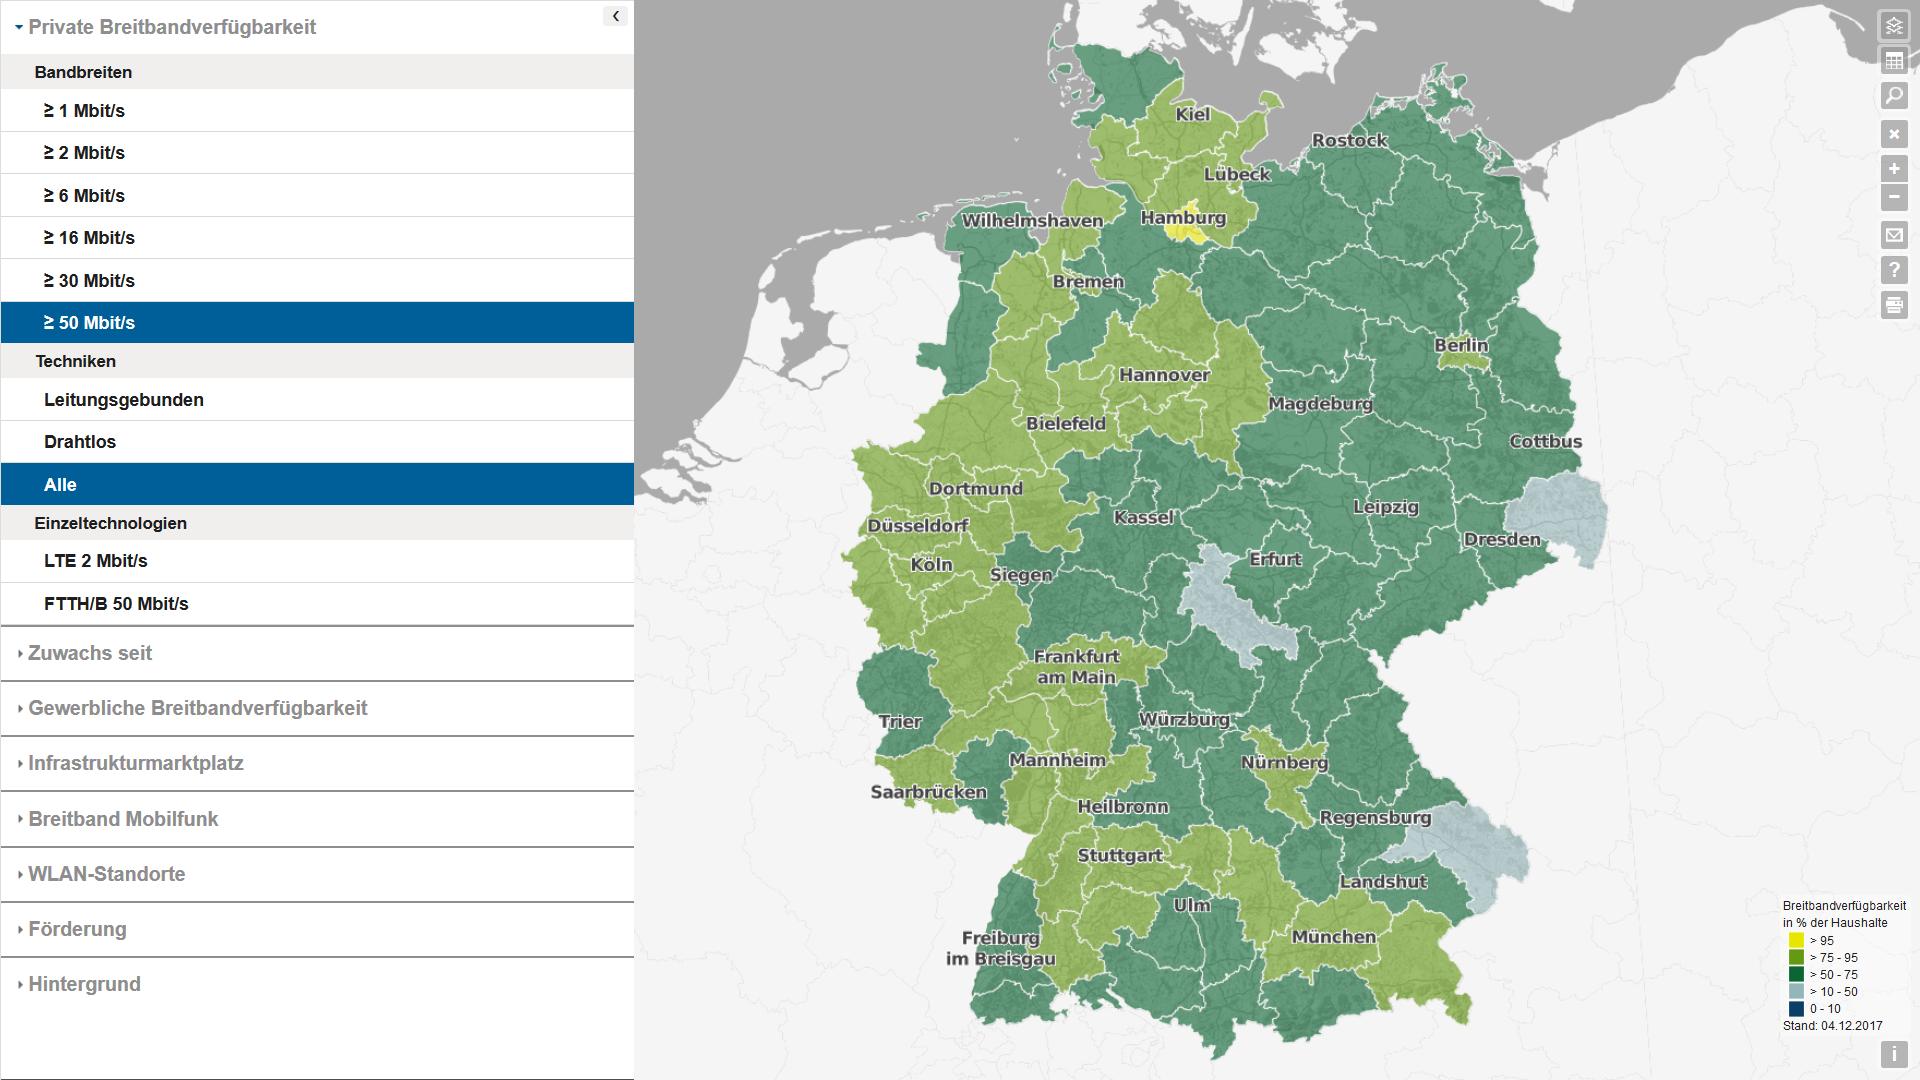 Der Breitbandatlas des Bundeswirtschaftsministeriums zeigt die mit 50-Mbit/s-Internetzugängen unterversorgten Gebiete (Screenshot von bmvi.de)